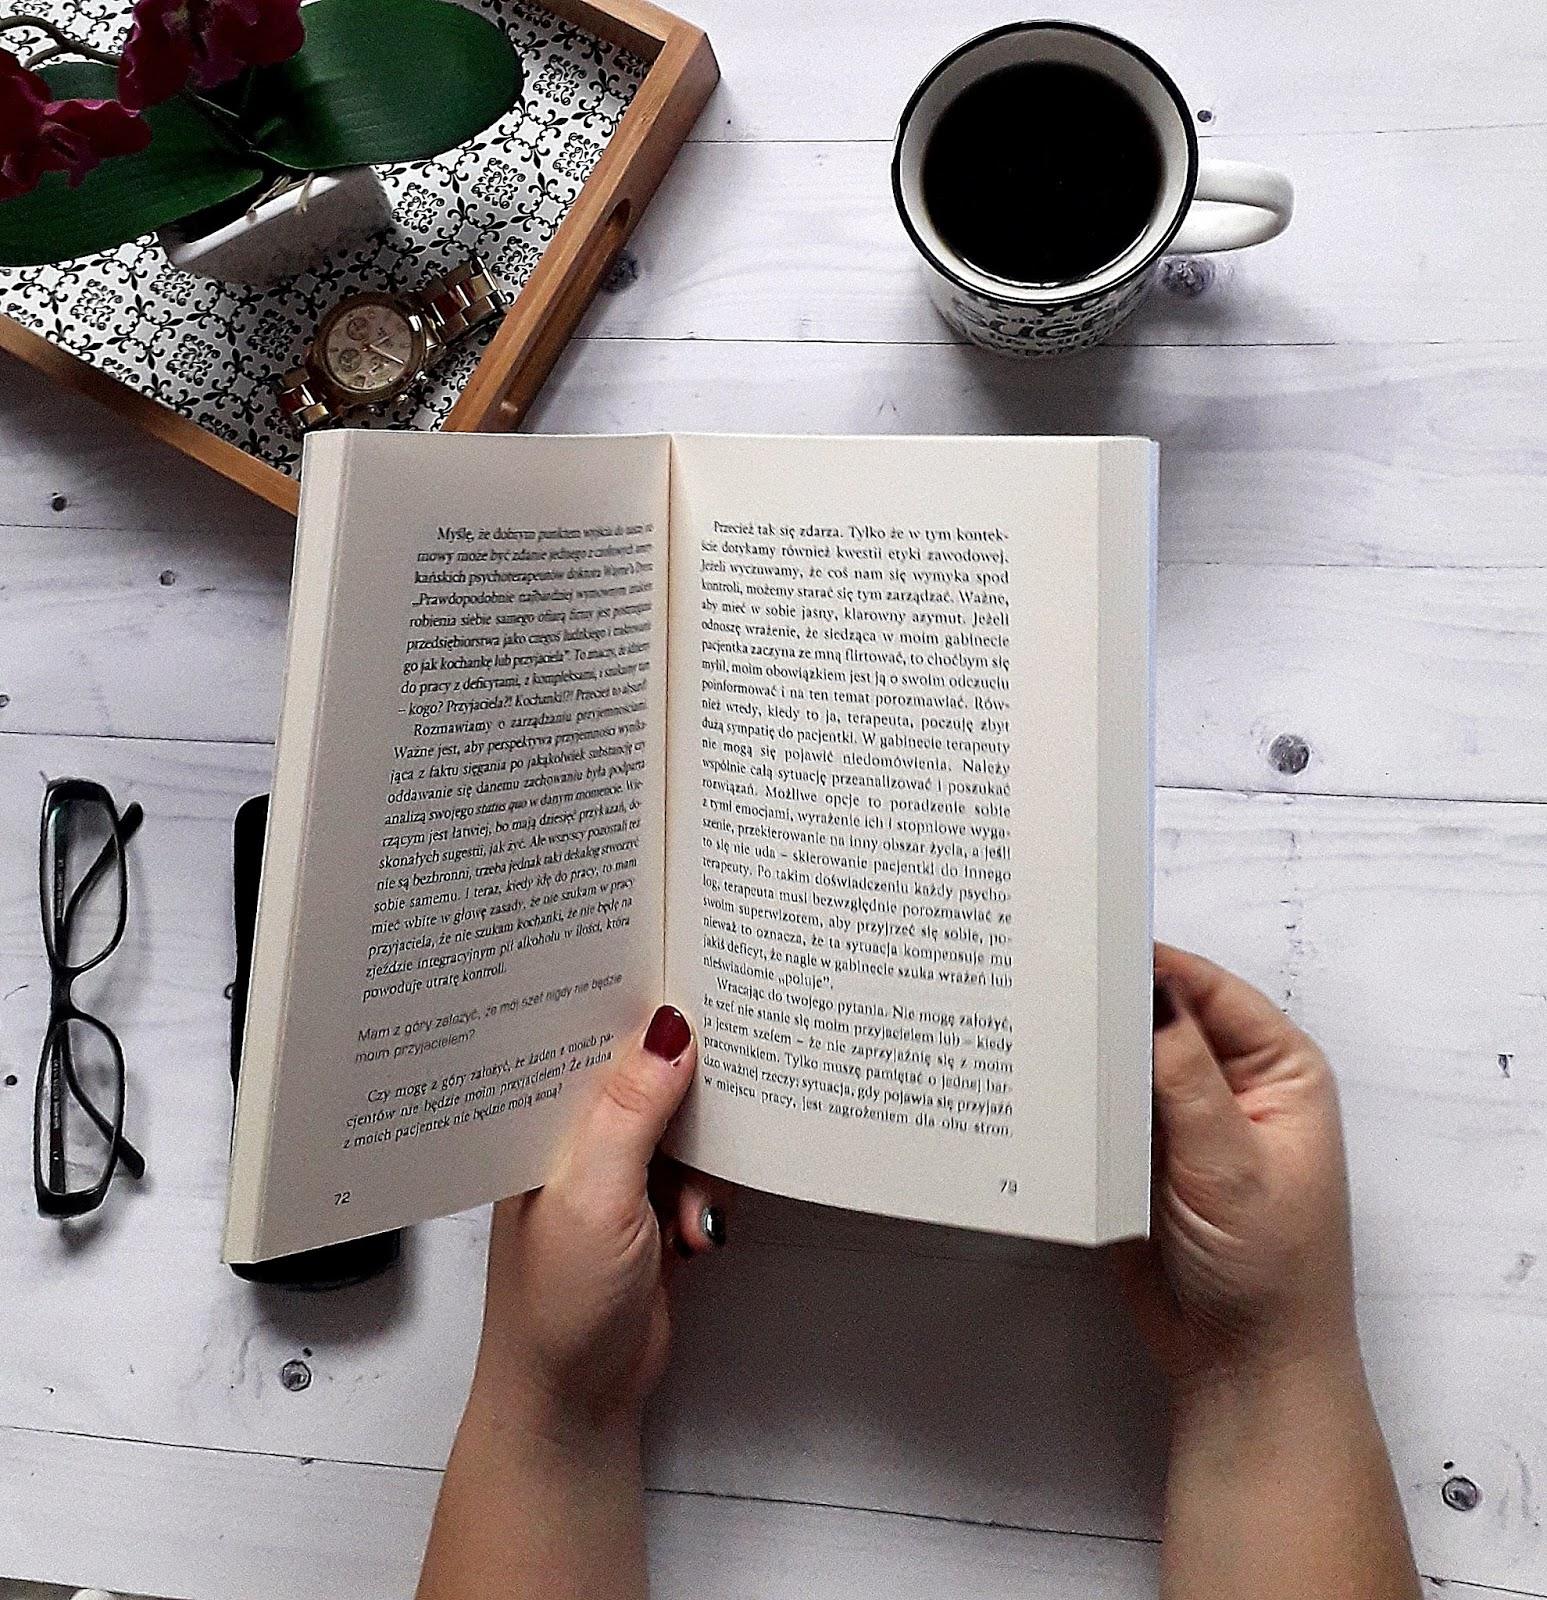 Podsumowanie czytelincze 2017 - książkowe hity i kity zeszłego roku oraz projekt #wyzwanienaczytanie